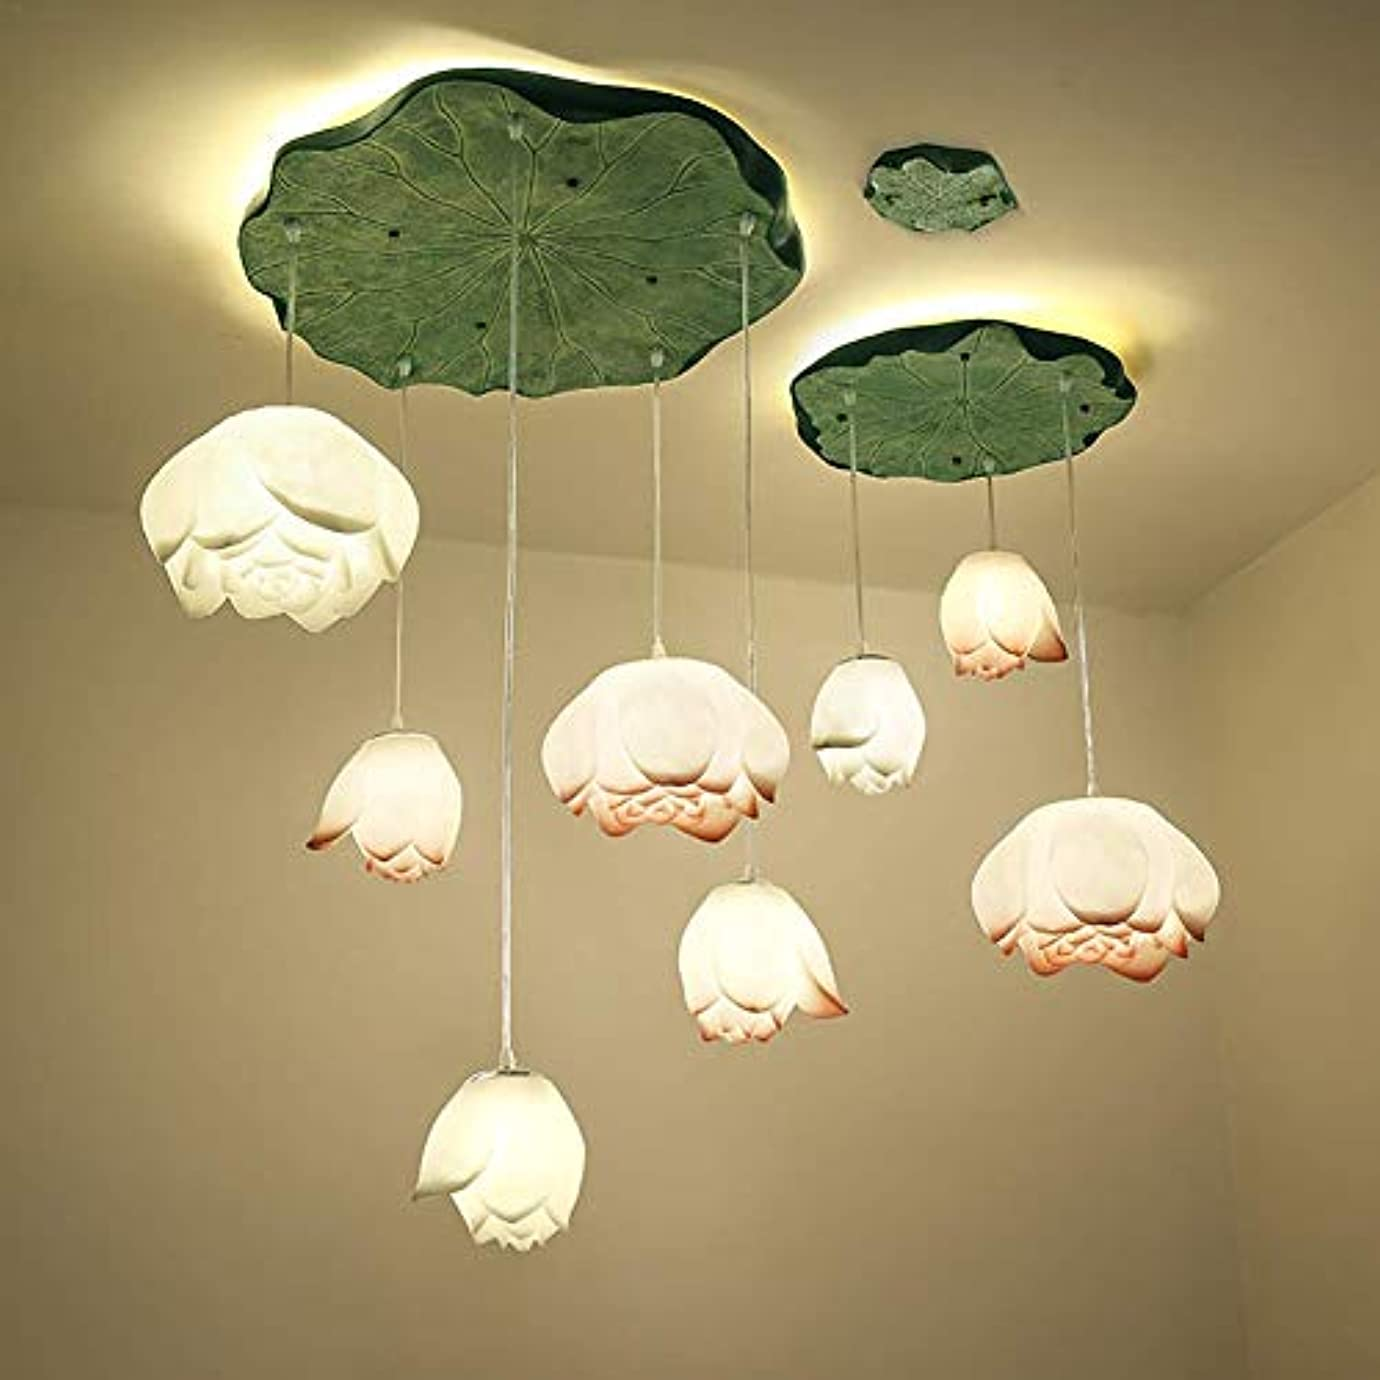 離れて機会記念碑的な現代の新しい中国のロータス茶室リビングルーム通路レストラン樹脂クリエイティブアートロータス中国の照明